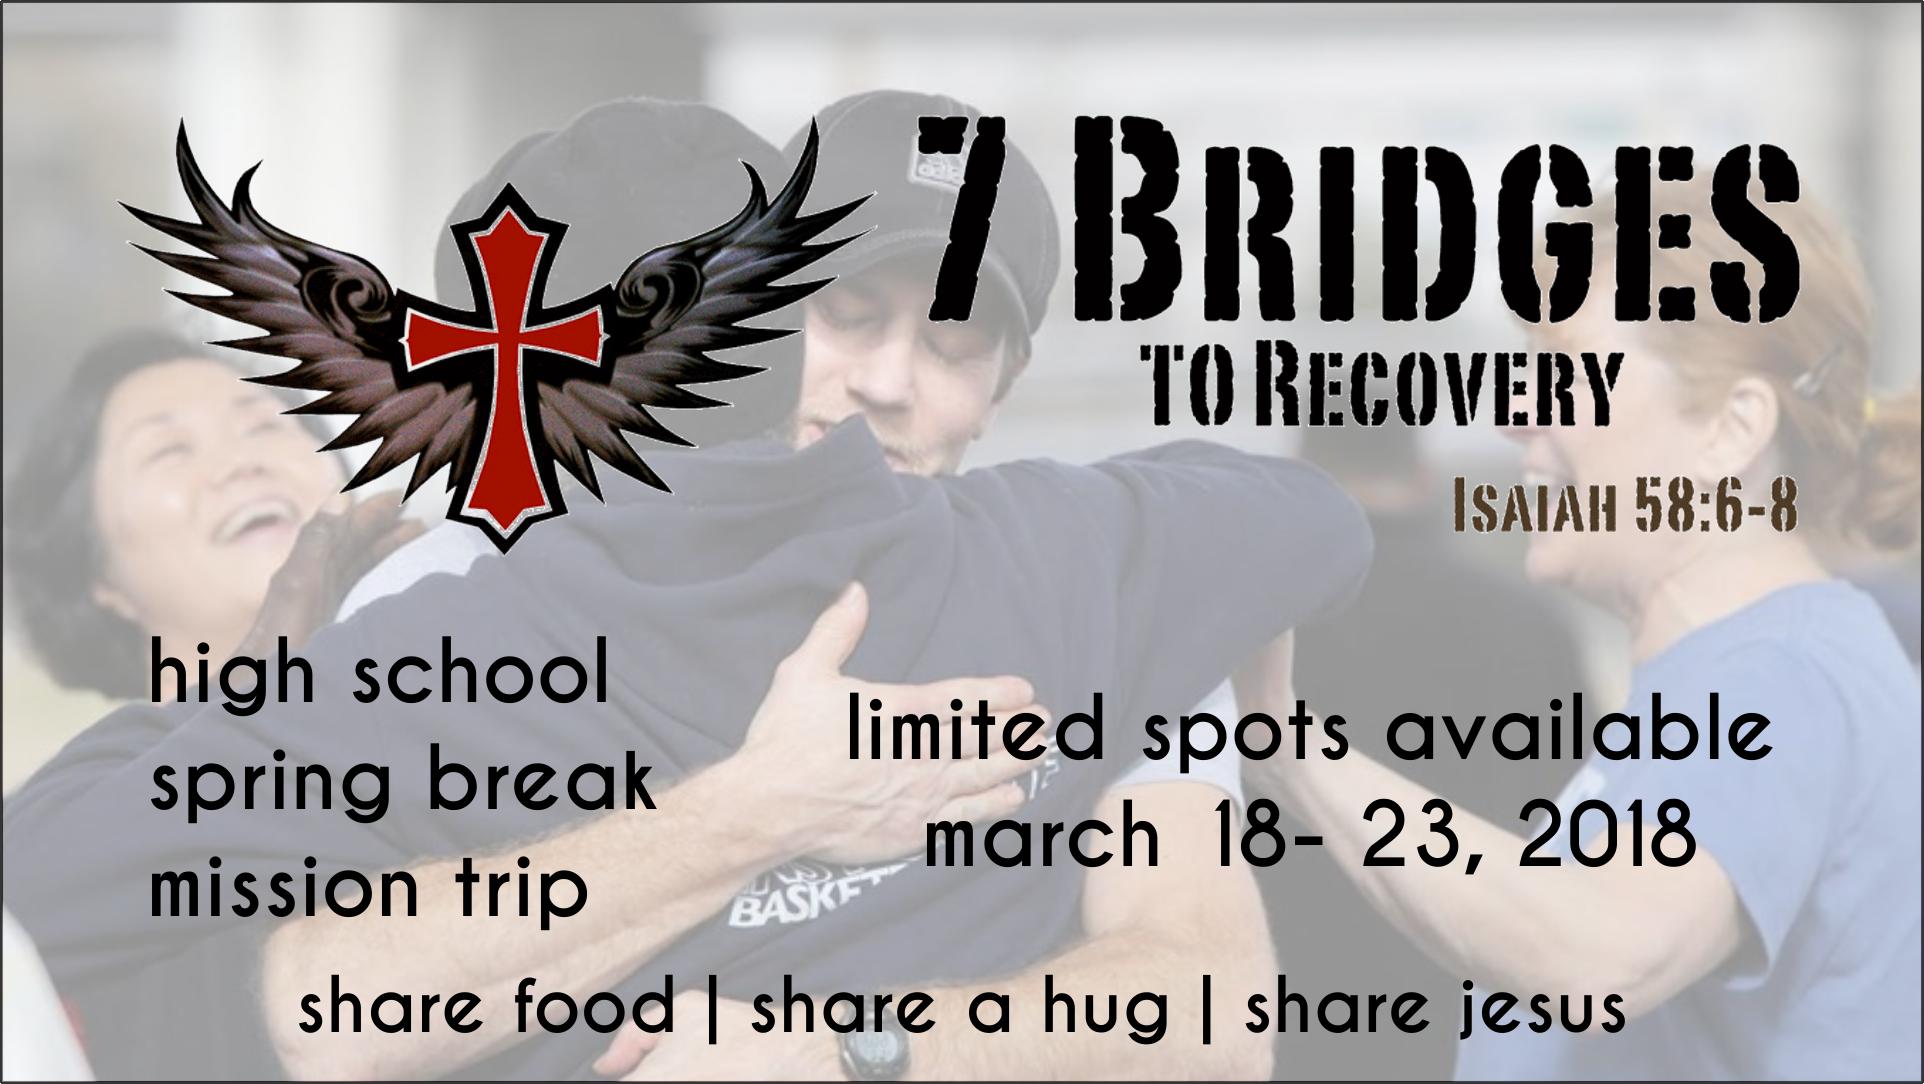 7 bridges mission trip